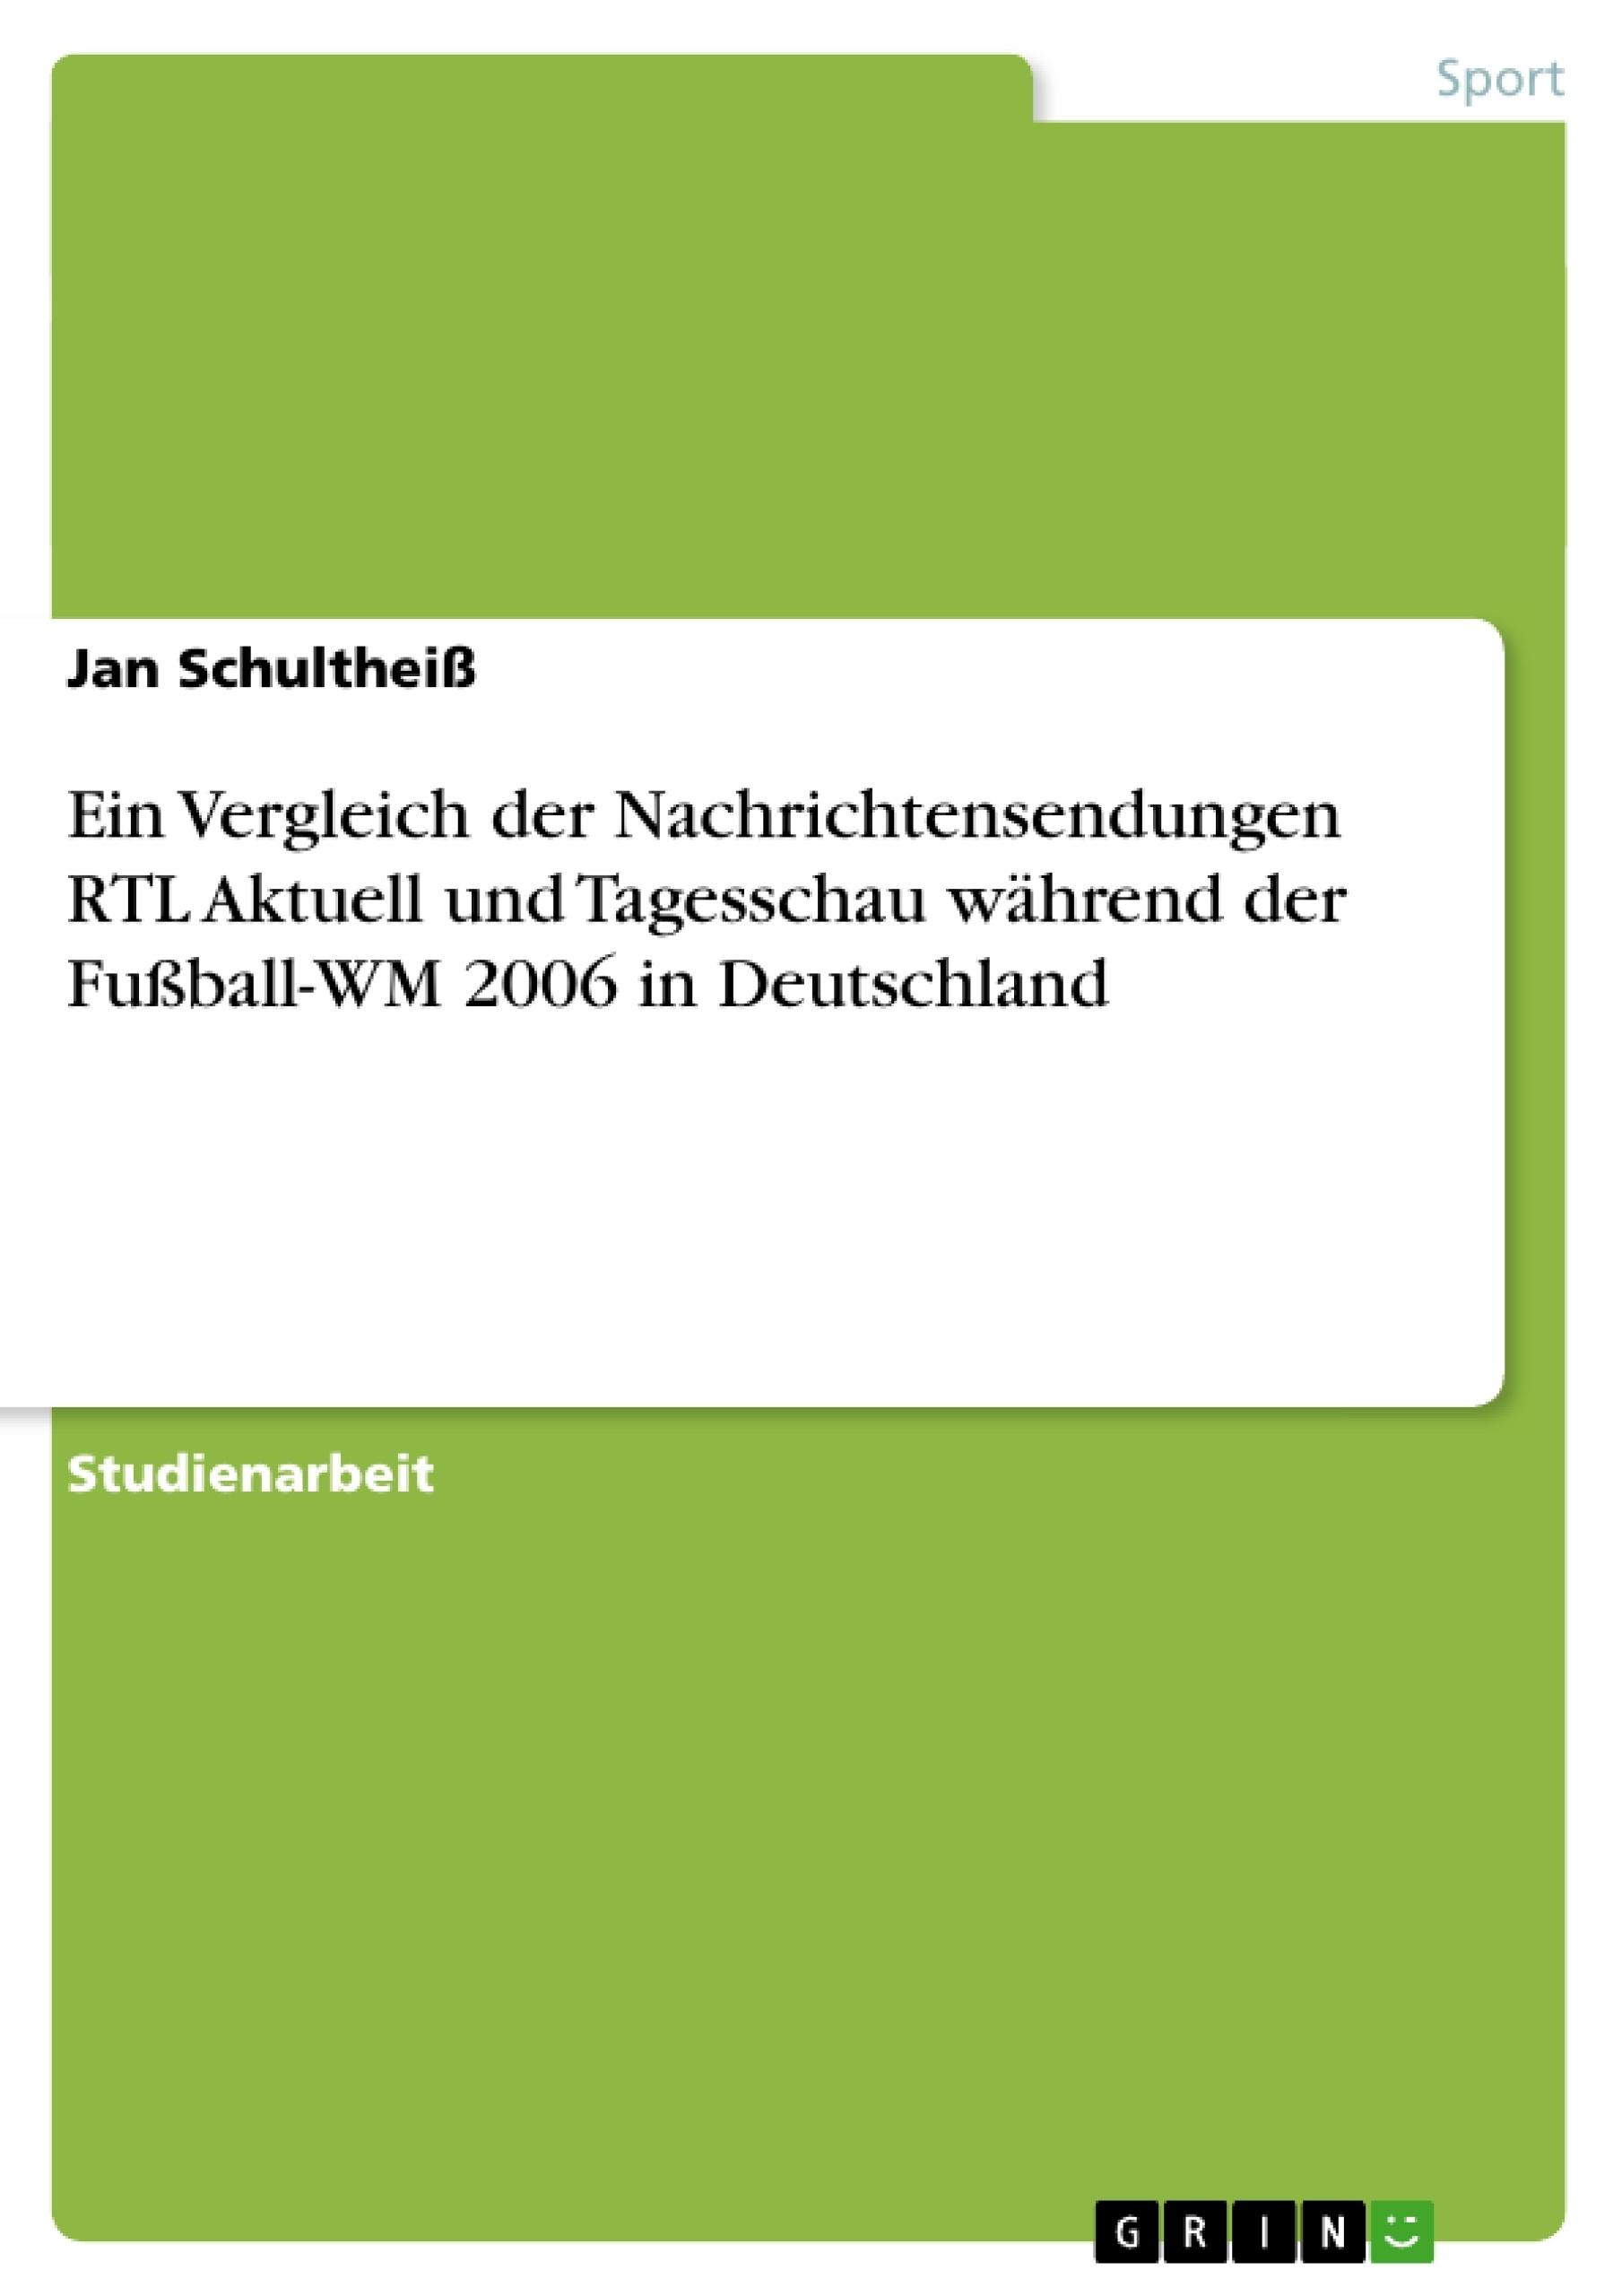 Titel: Ein Vergleich der Nachrichtensendungen RTL Aktuell und Tagesschau während der Fußball-WM 2006 in Deutschland